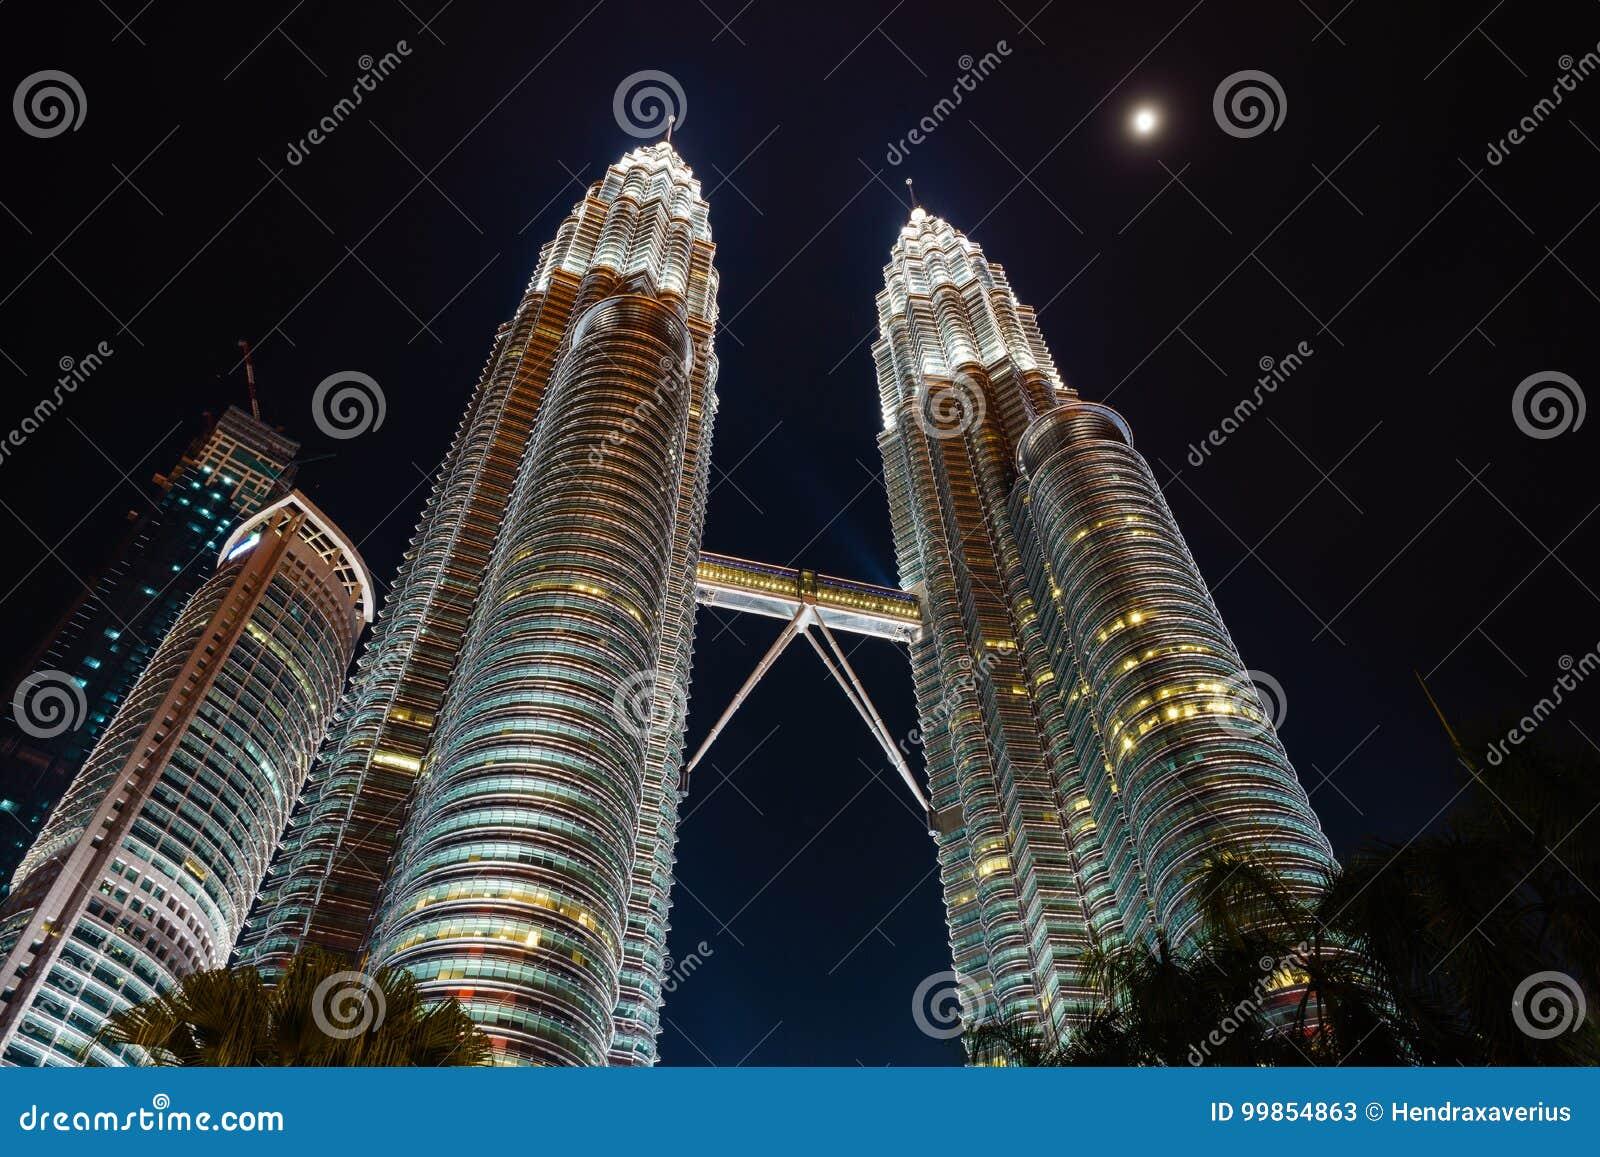 Petronas Twin Towers at night in KLCC, Kuala Lumpur - Malaysia